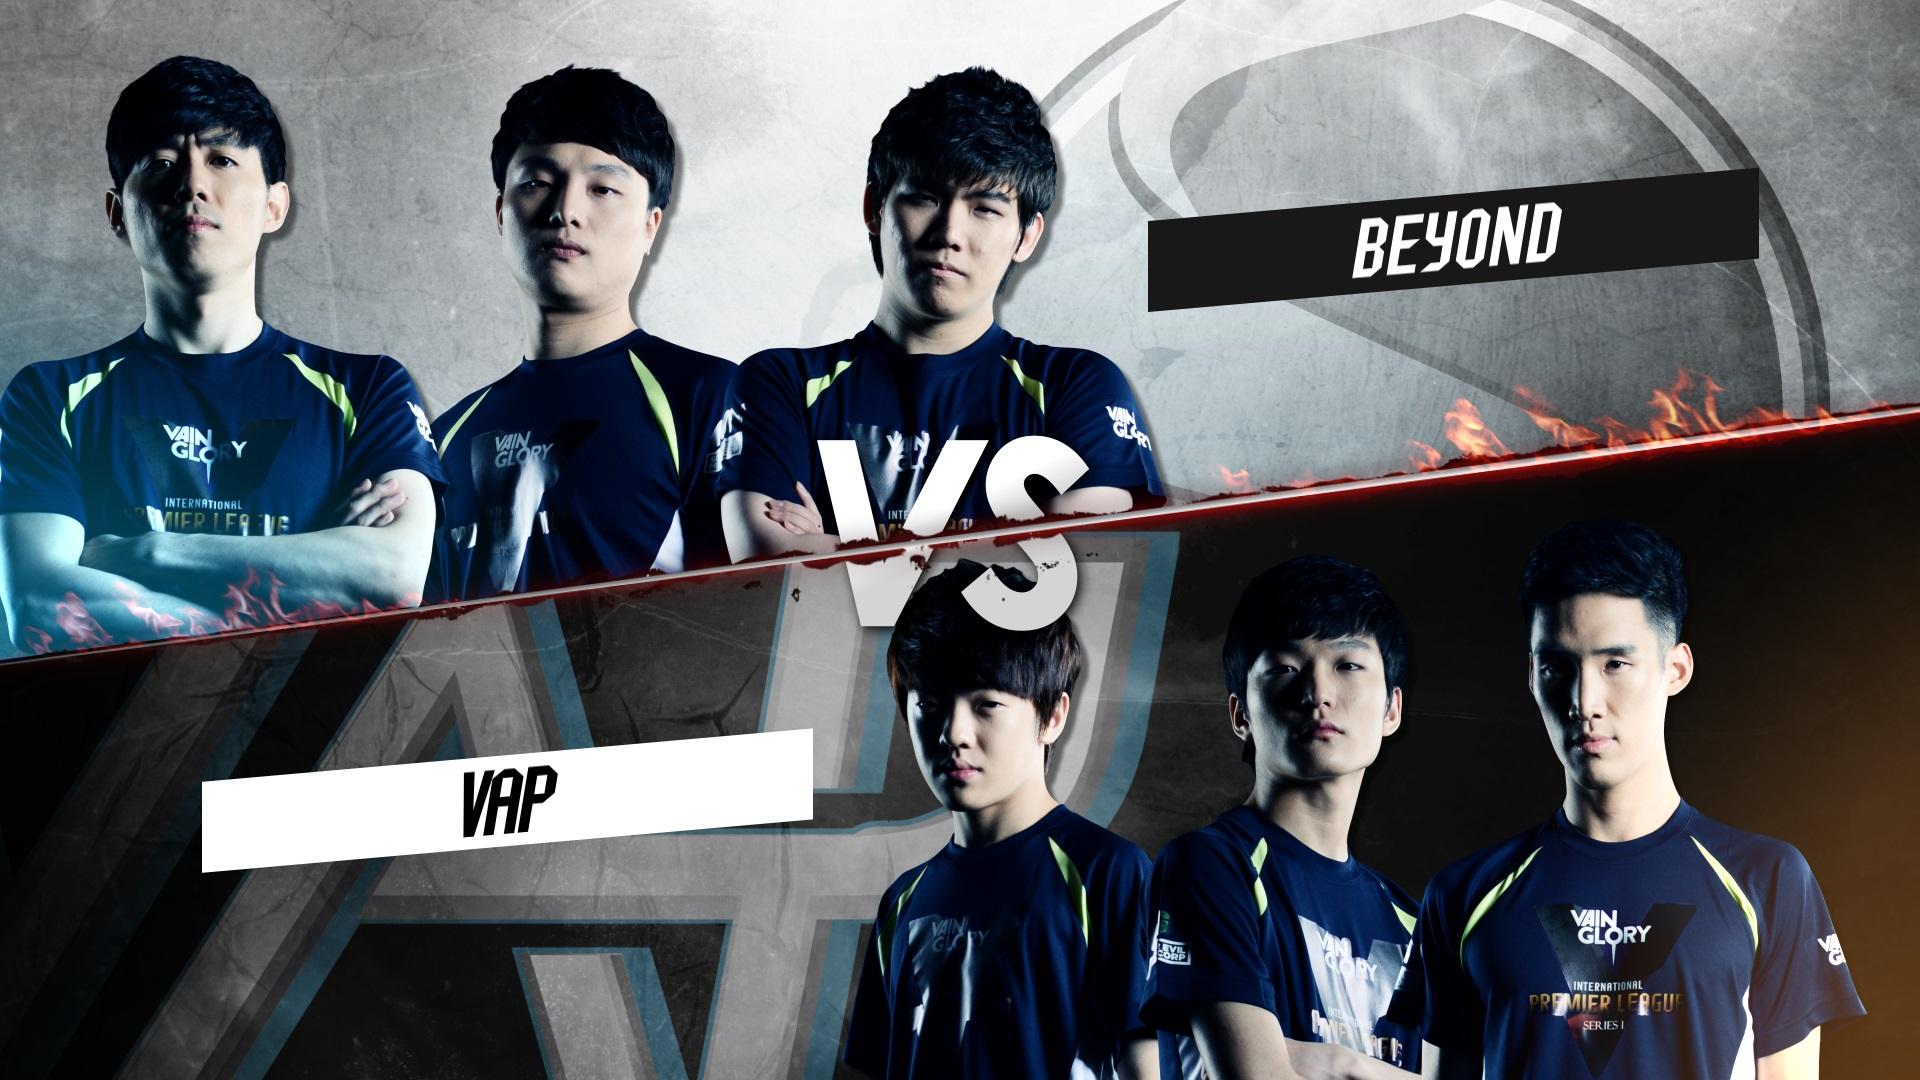 2ndrr beyond vs vap